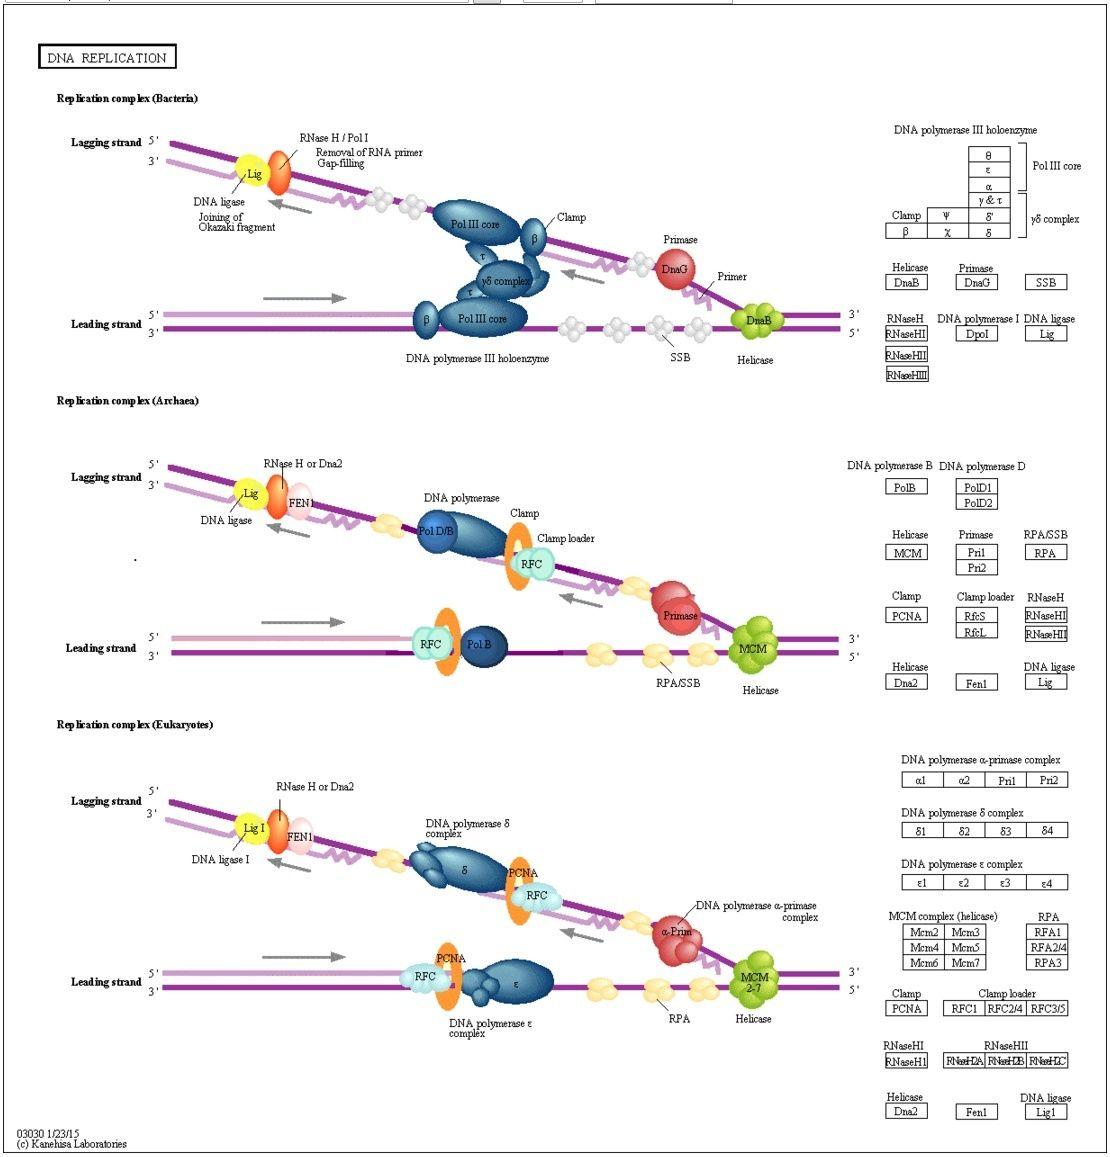 DNA replication of prokaryotes Kegg_p10